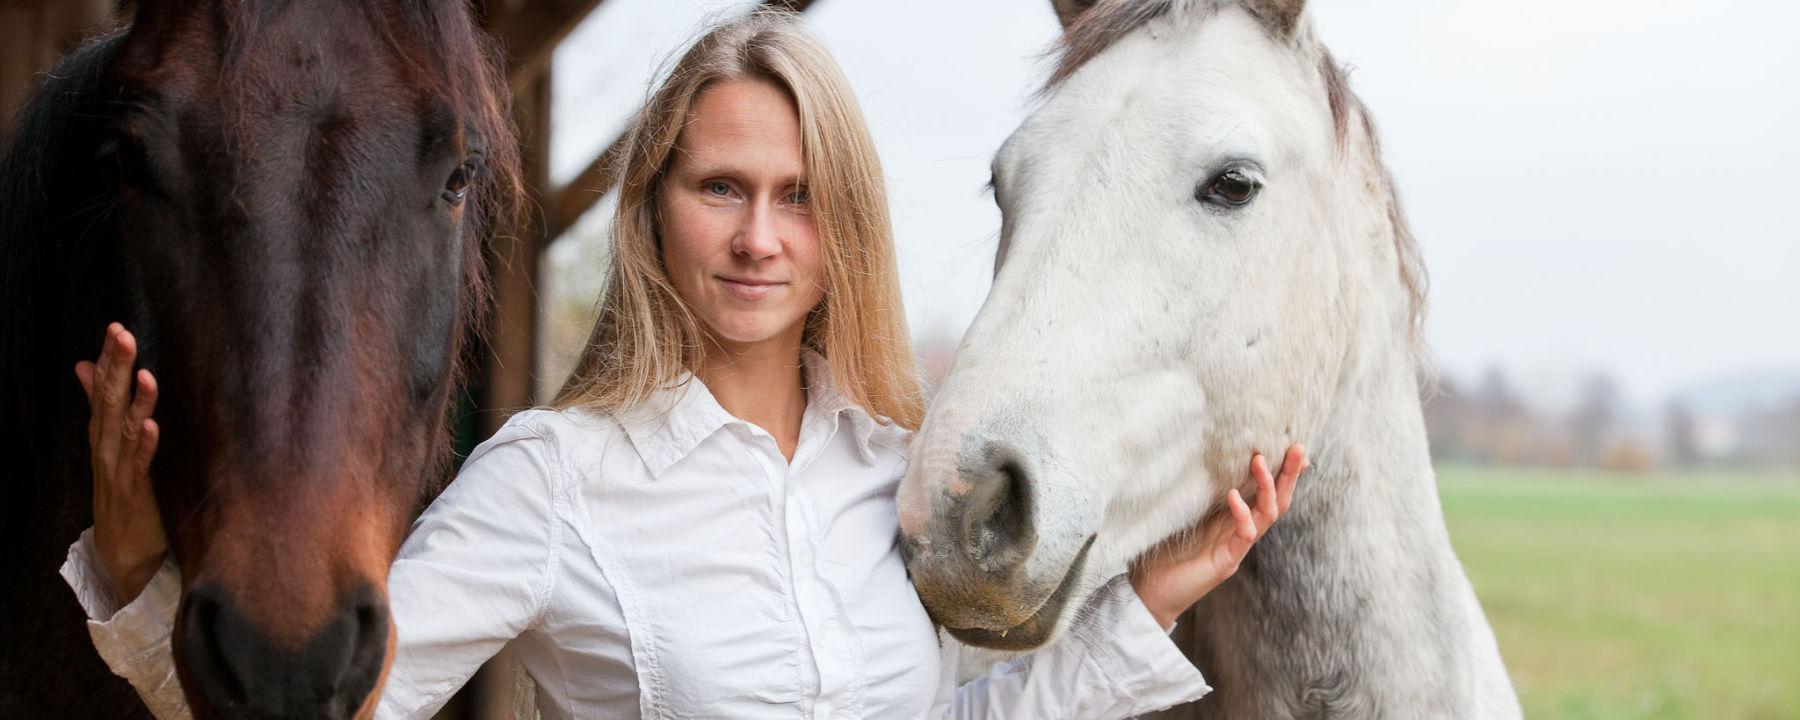 Kompetente Ernährungsberatung mit Herz und Pferdeverstand